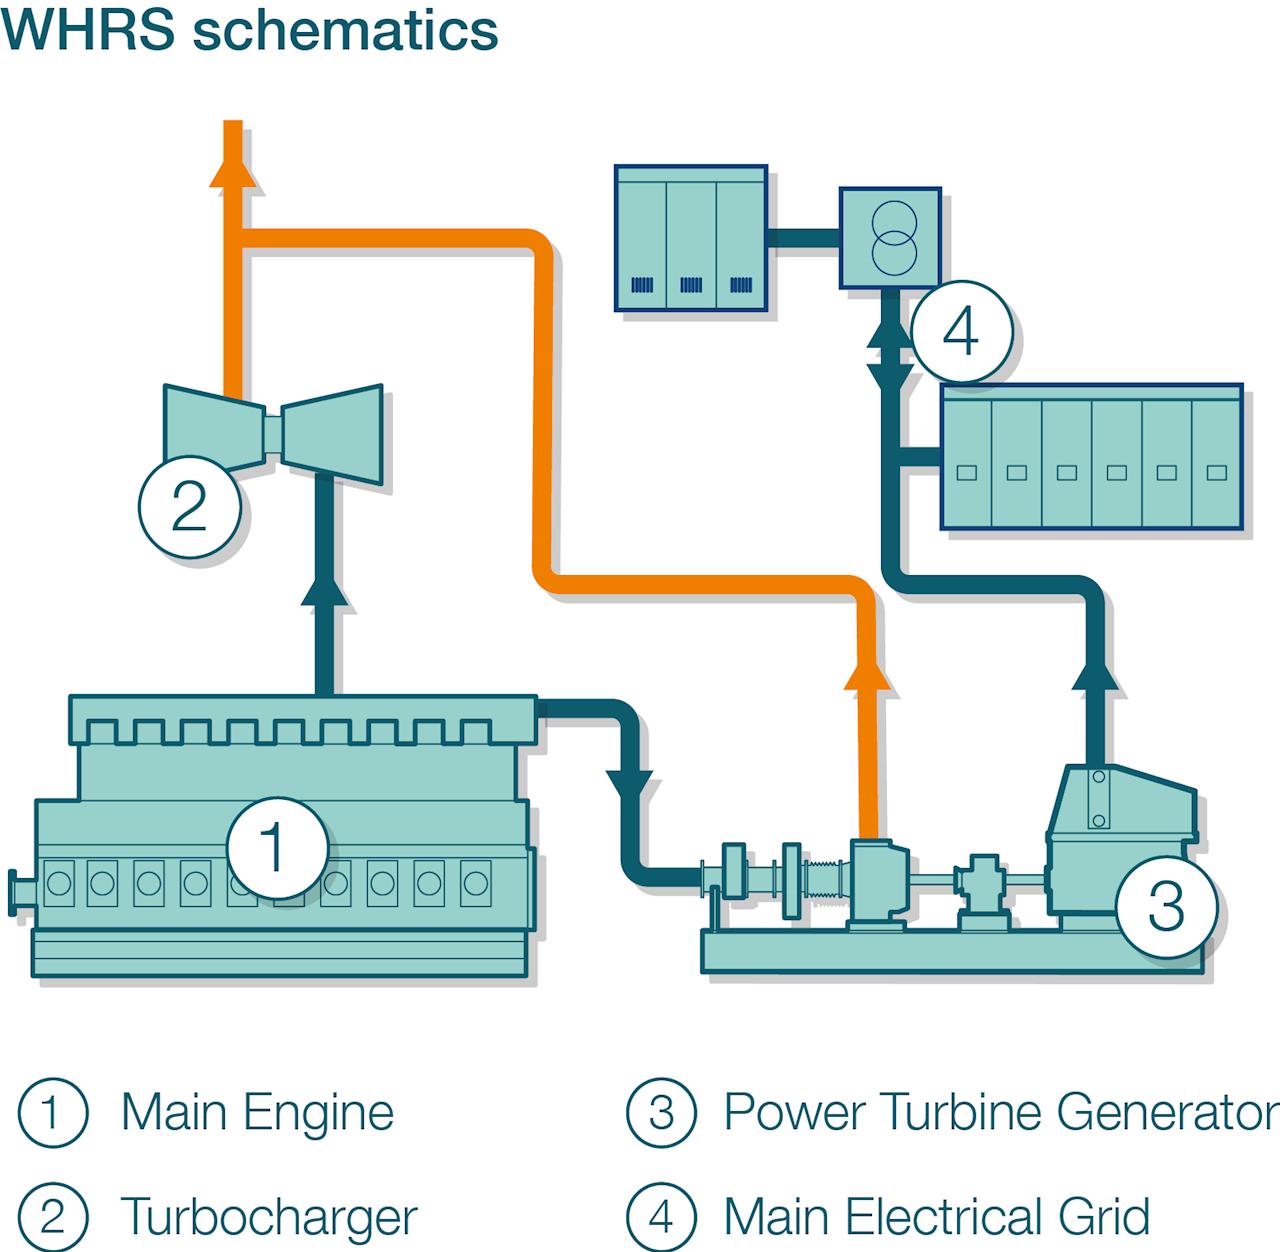 WHRS schematics